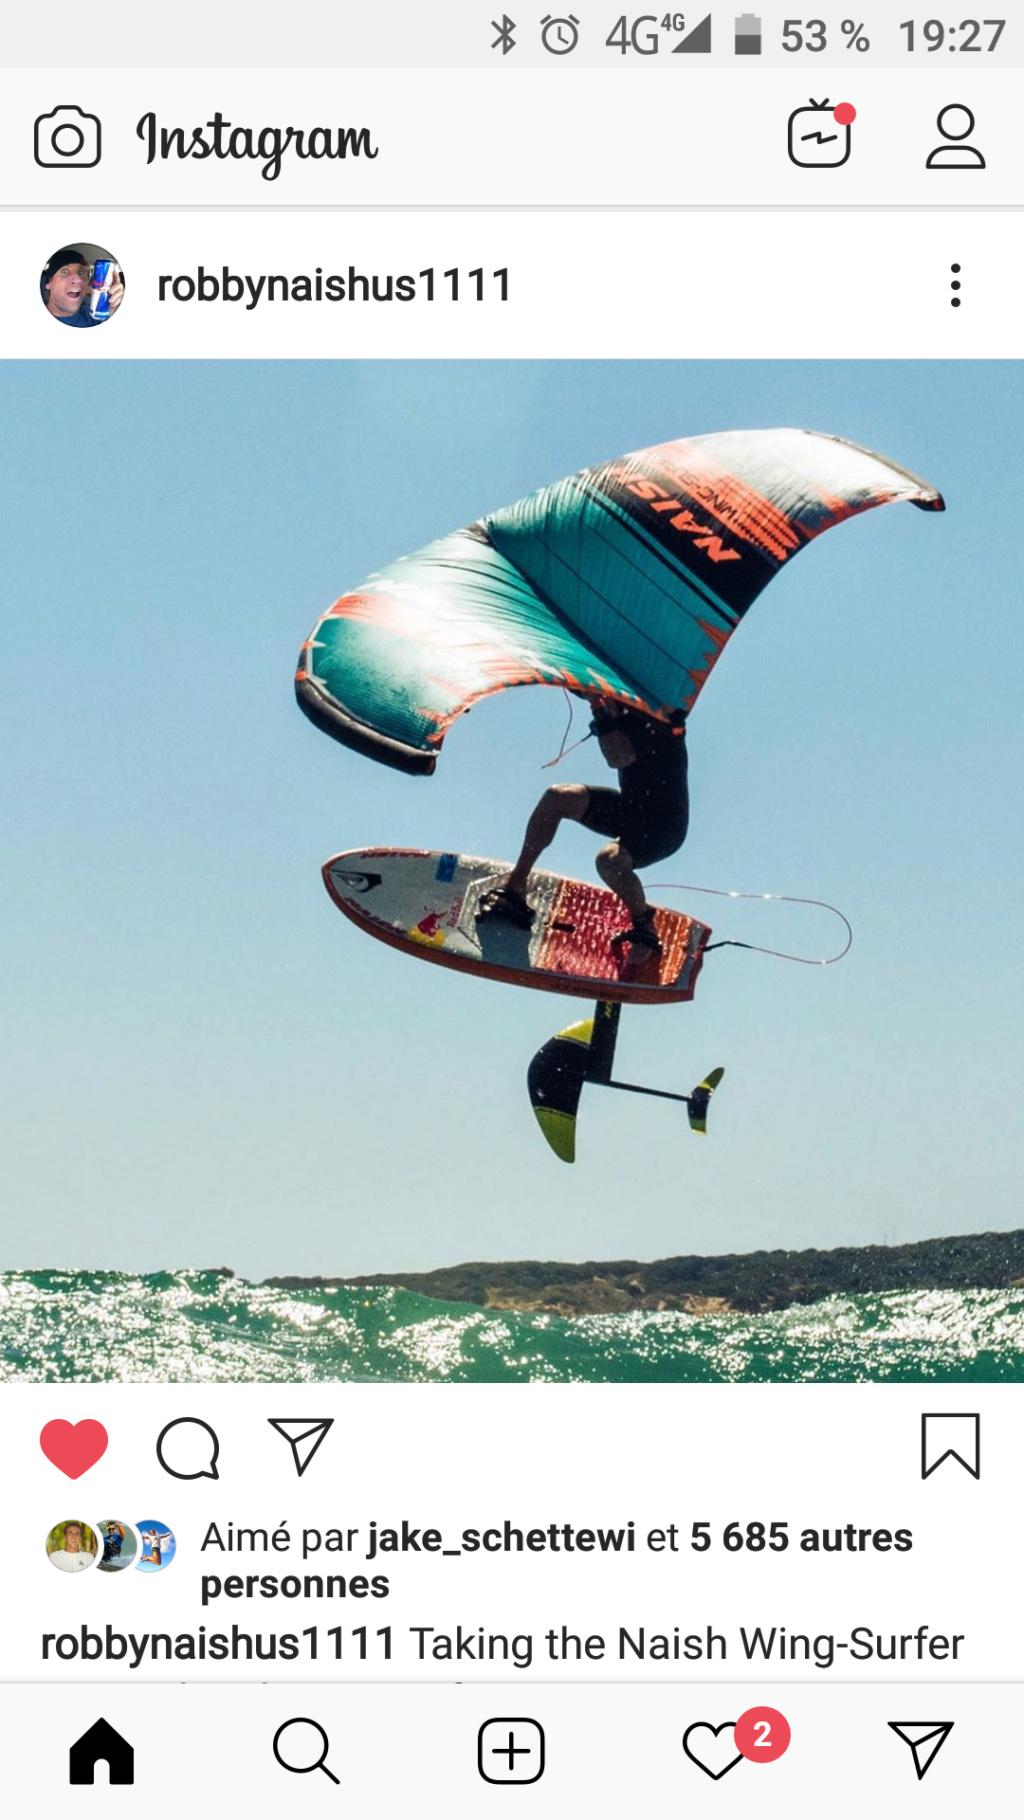 Wingsurf, Wingfoil , les majors du kite s'y mettent tous ... - Page 2 Screen14